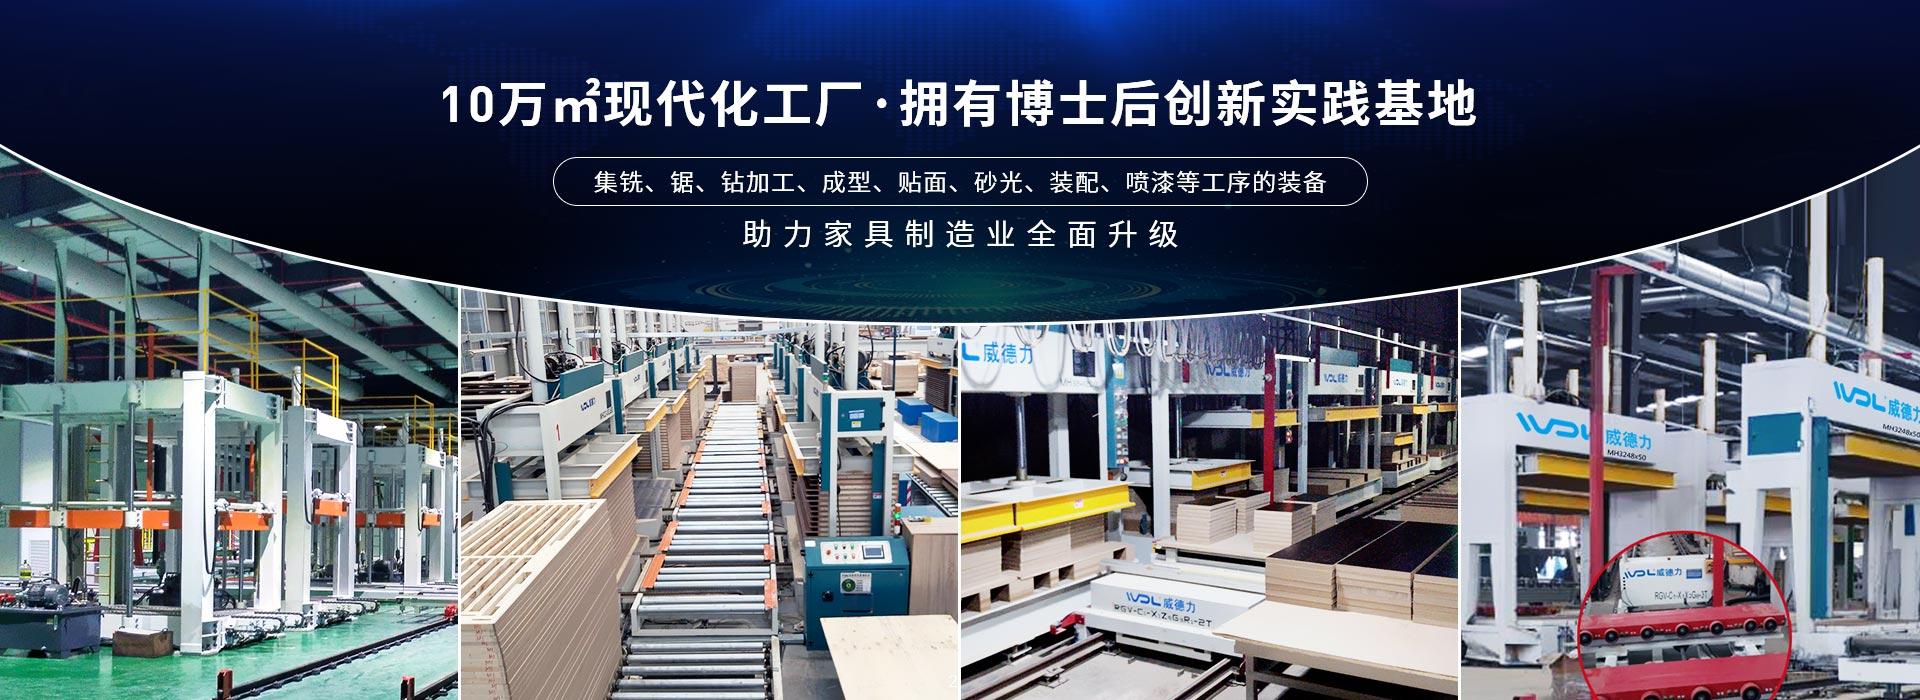 腾博会诚信为本专业服务-助力家具制造业片面晋级